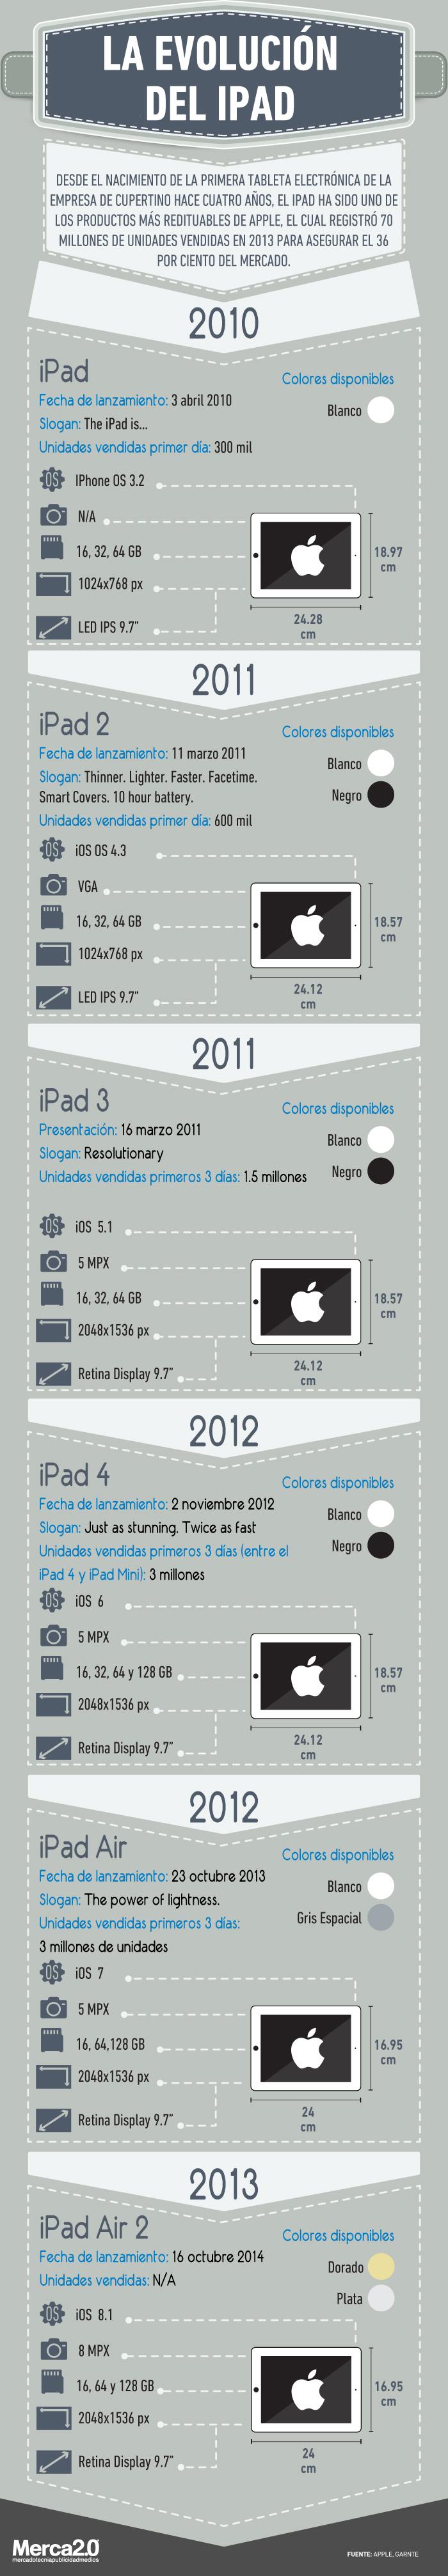 La evolución del iPad